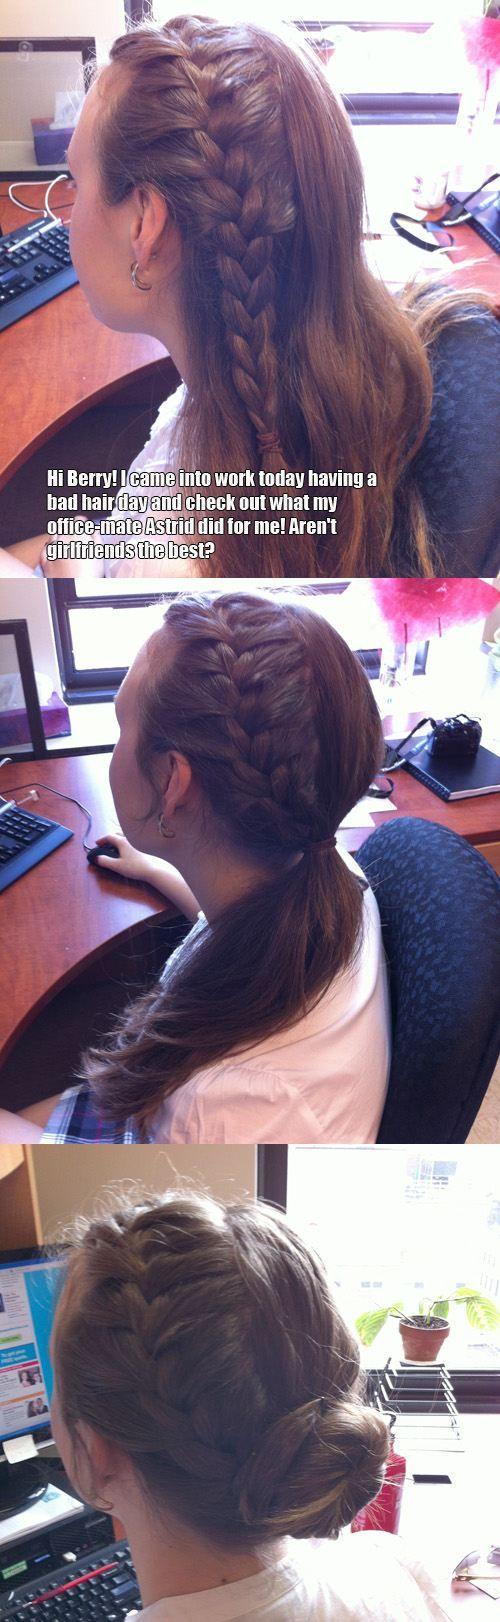 lovely! Se purde en mi cabello? Daniela